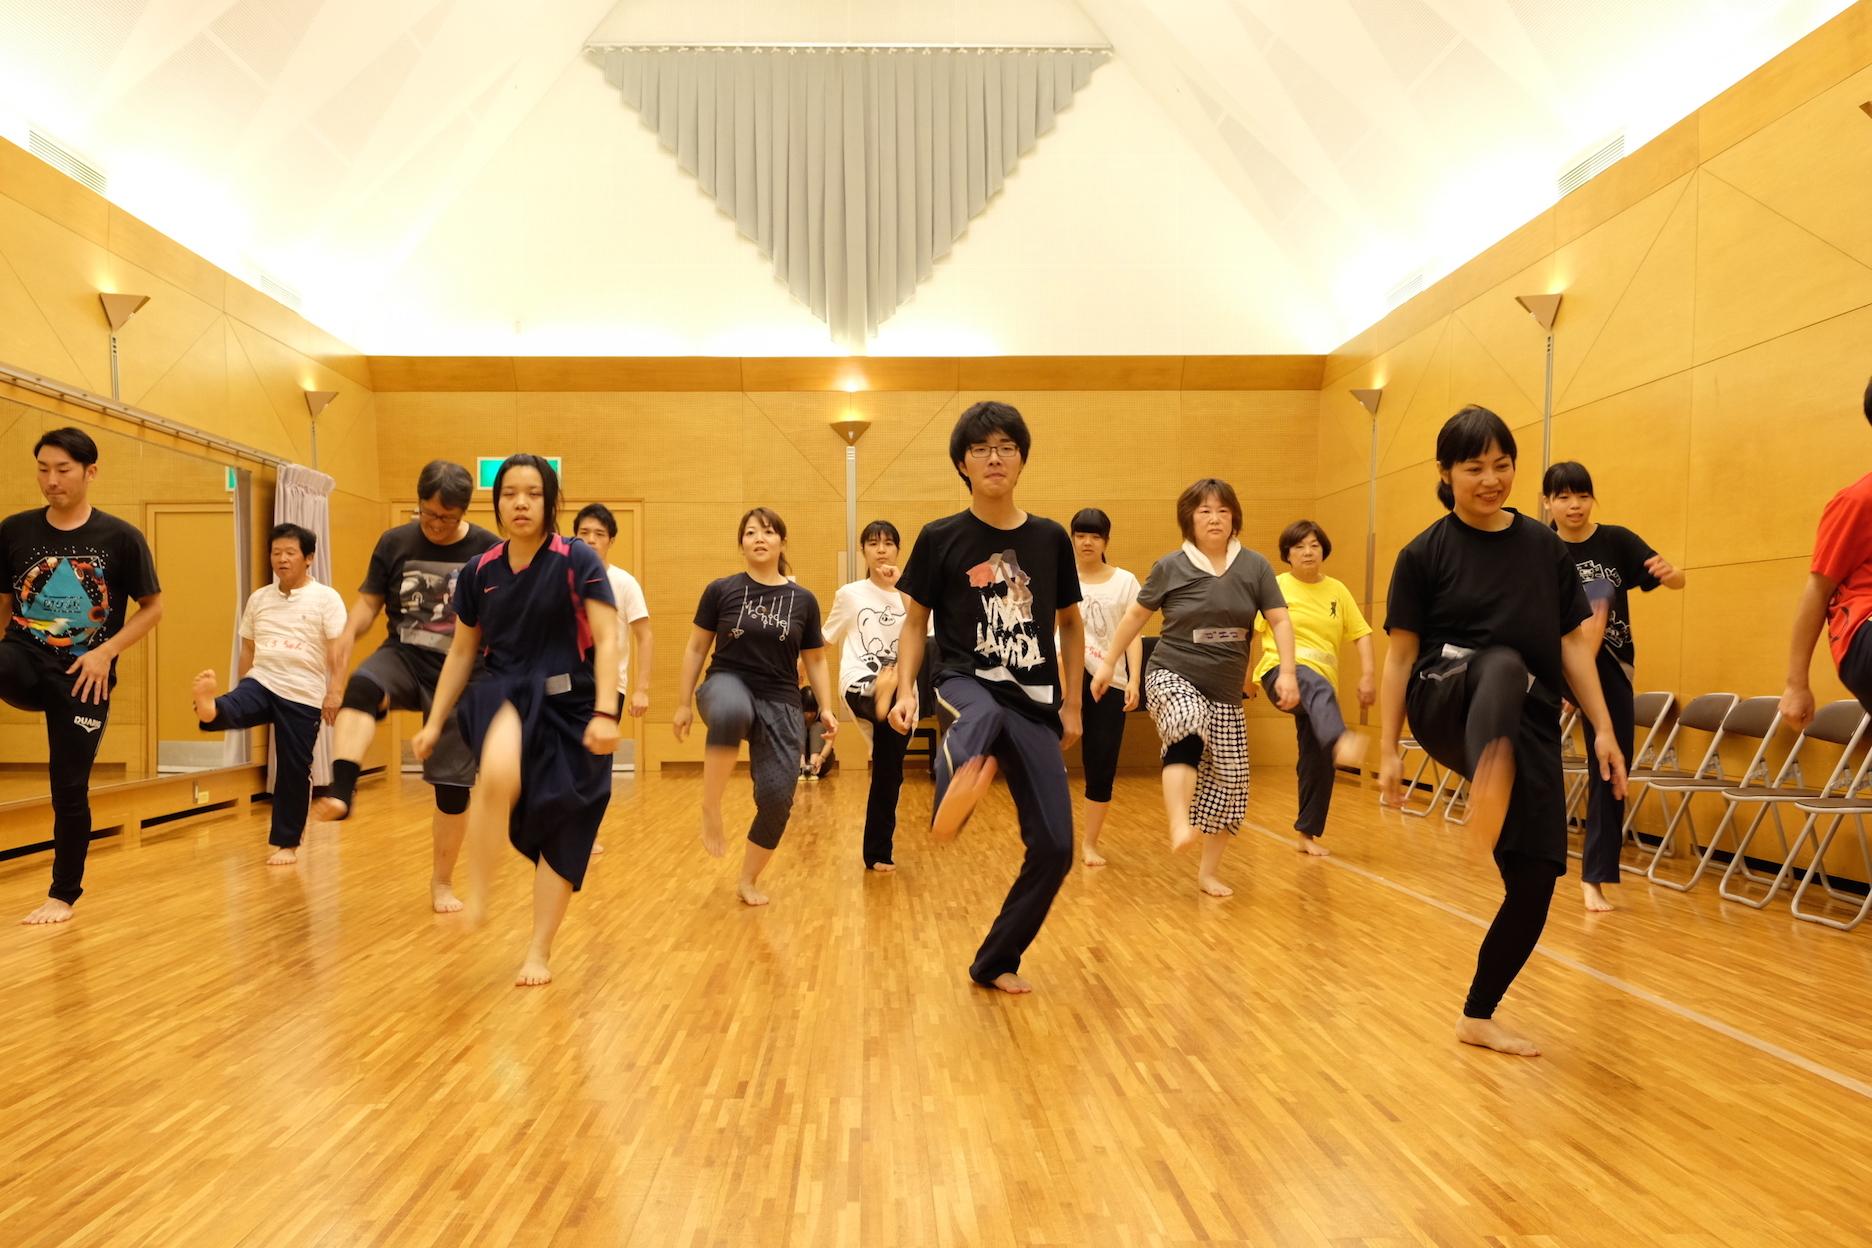 『都会の生活』稽古の様子 写真提供:宮崎県立芸術劇場